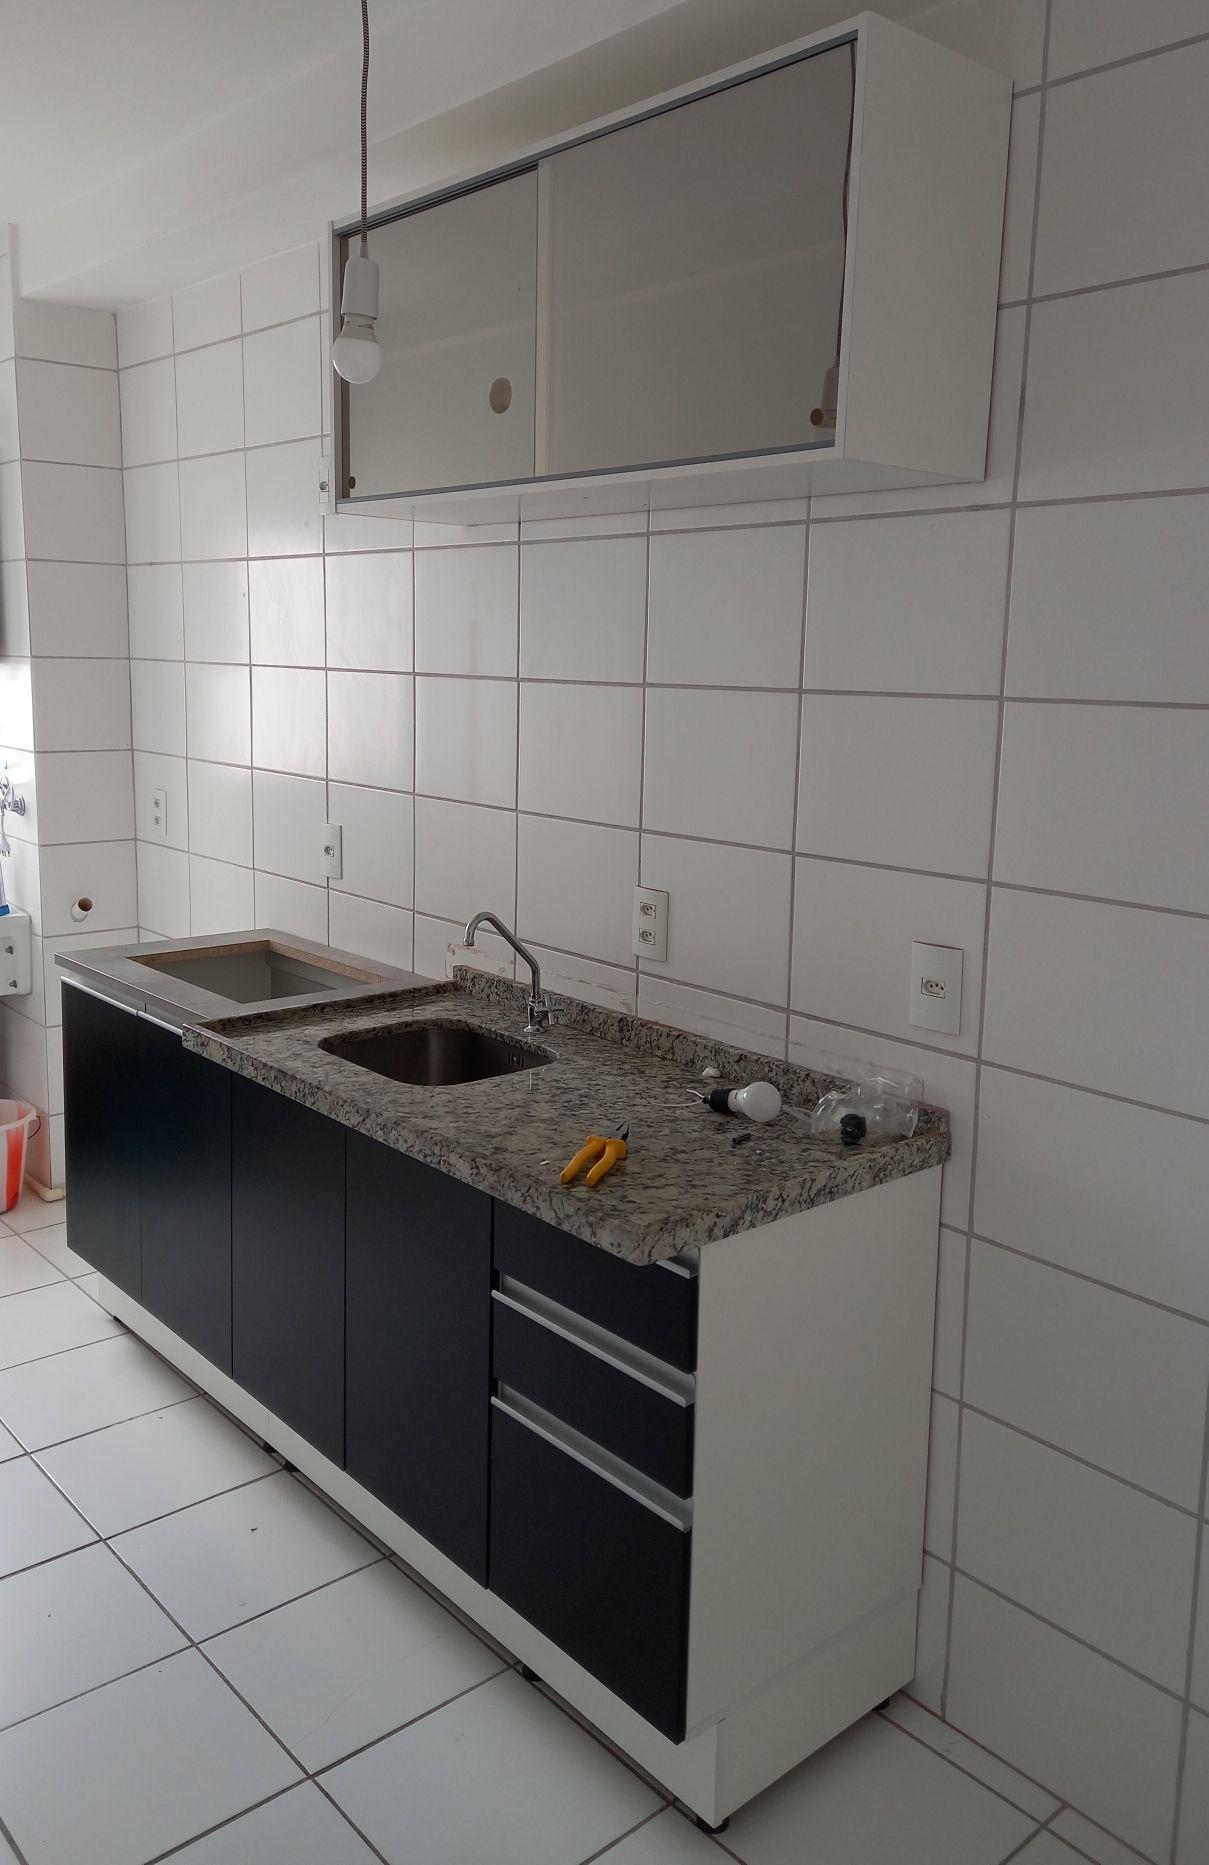 montagem e instalação  de Cuba,torneira  e cooktop